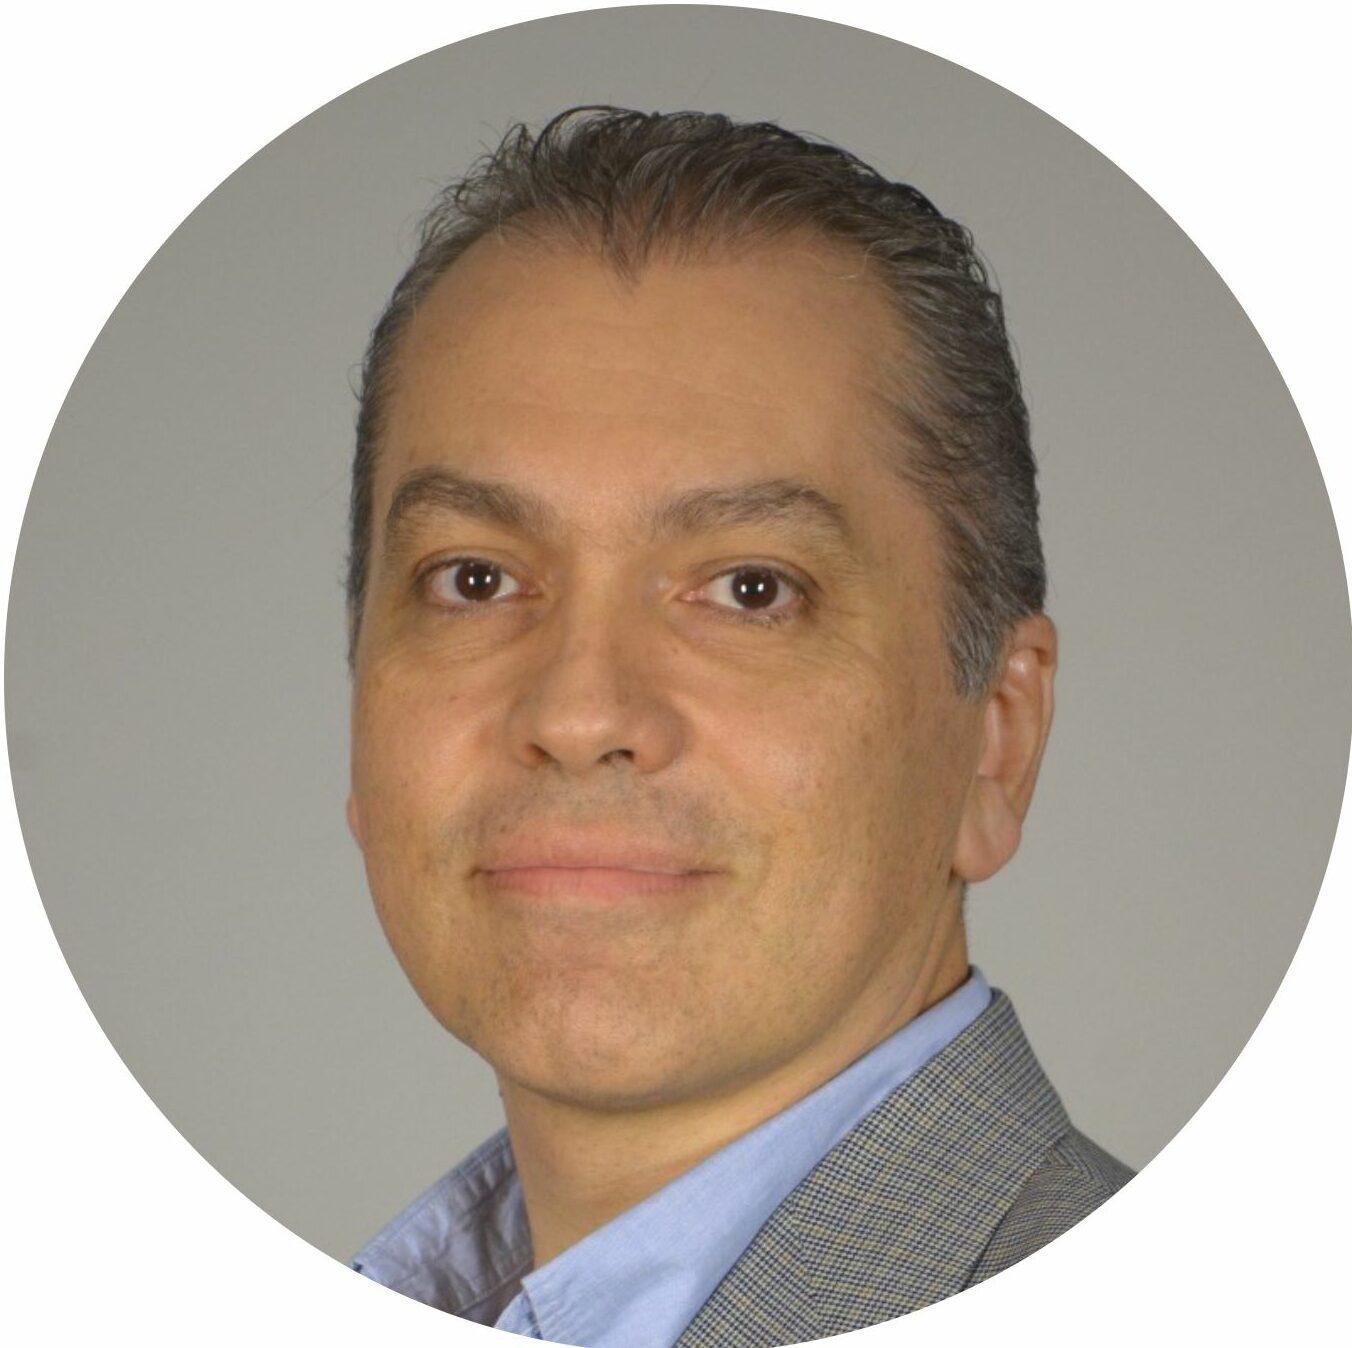 Juan Carlos Camargo